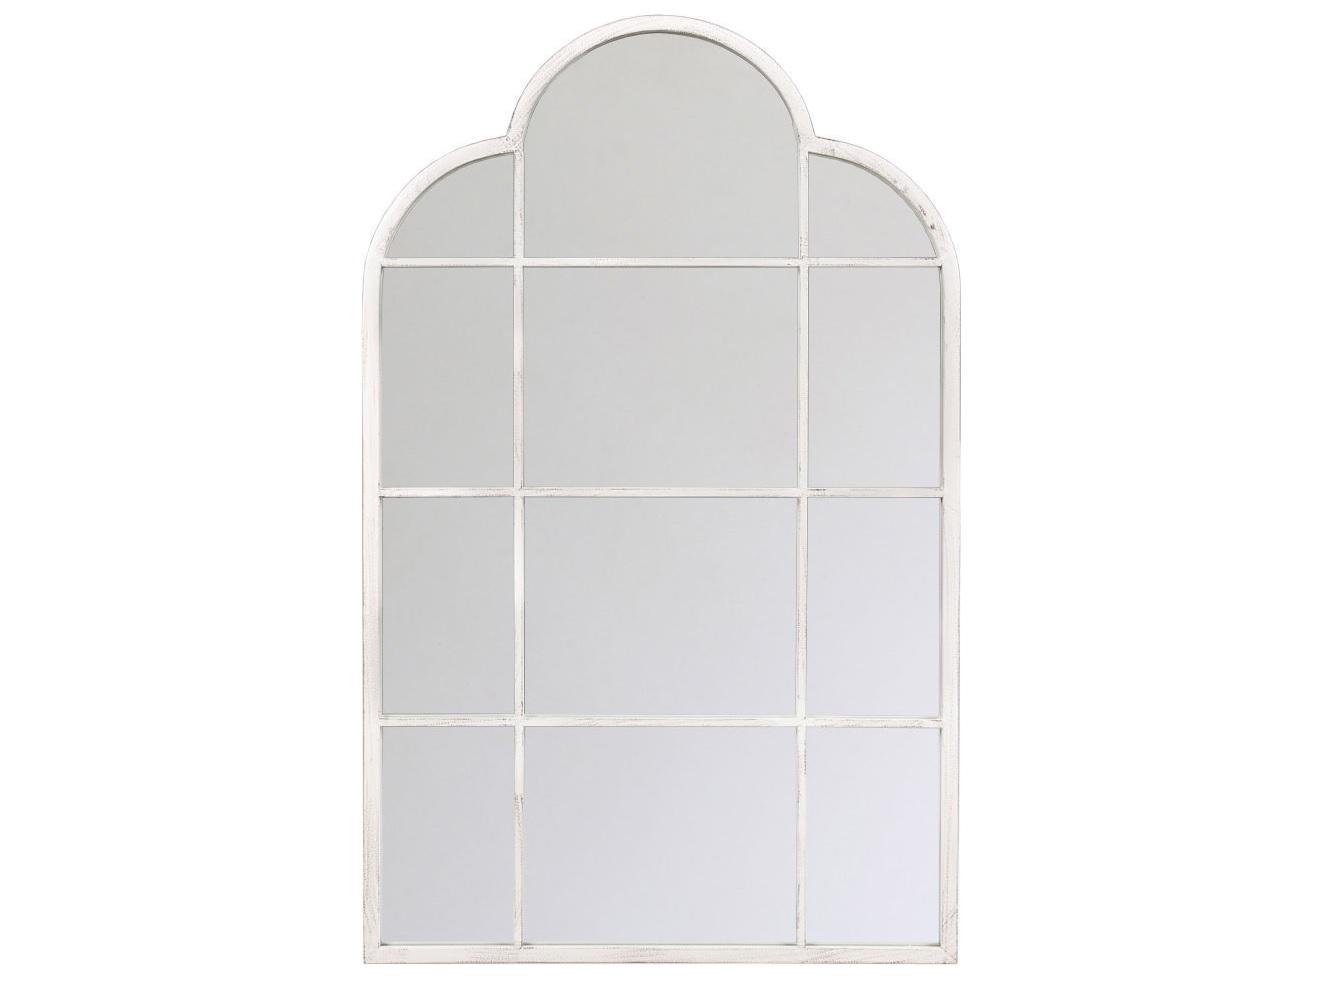 Настенное зеркало РивьераНастенные зеркала<br>Арочный свод зеркала «Ривьера», интригующий отражения переплетом оконной рамы, модерирует эффект глубины и объемности. Любое помещение, расчерченное тонкими белыми векторами, остается светлым, легким и просторным. Это зеркало  - идеальный баланс между сдержанным силуэтом и убедительным размером, практичностью и изыском, благородством и роскошью, &amp;quot;модерном&amp;quot; и &amp;quot;лофтом&amp;quot;. Зеркальные &amp;quot;окна&amp;quot; - эффектный и экстравагантный имидж старинного поместья, пронизанного атмосферой свежего воздуха и света.<br><br>Material: Металл<br>Width см: 74<br>Depth см: 4<br>Height см: 119